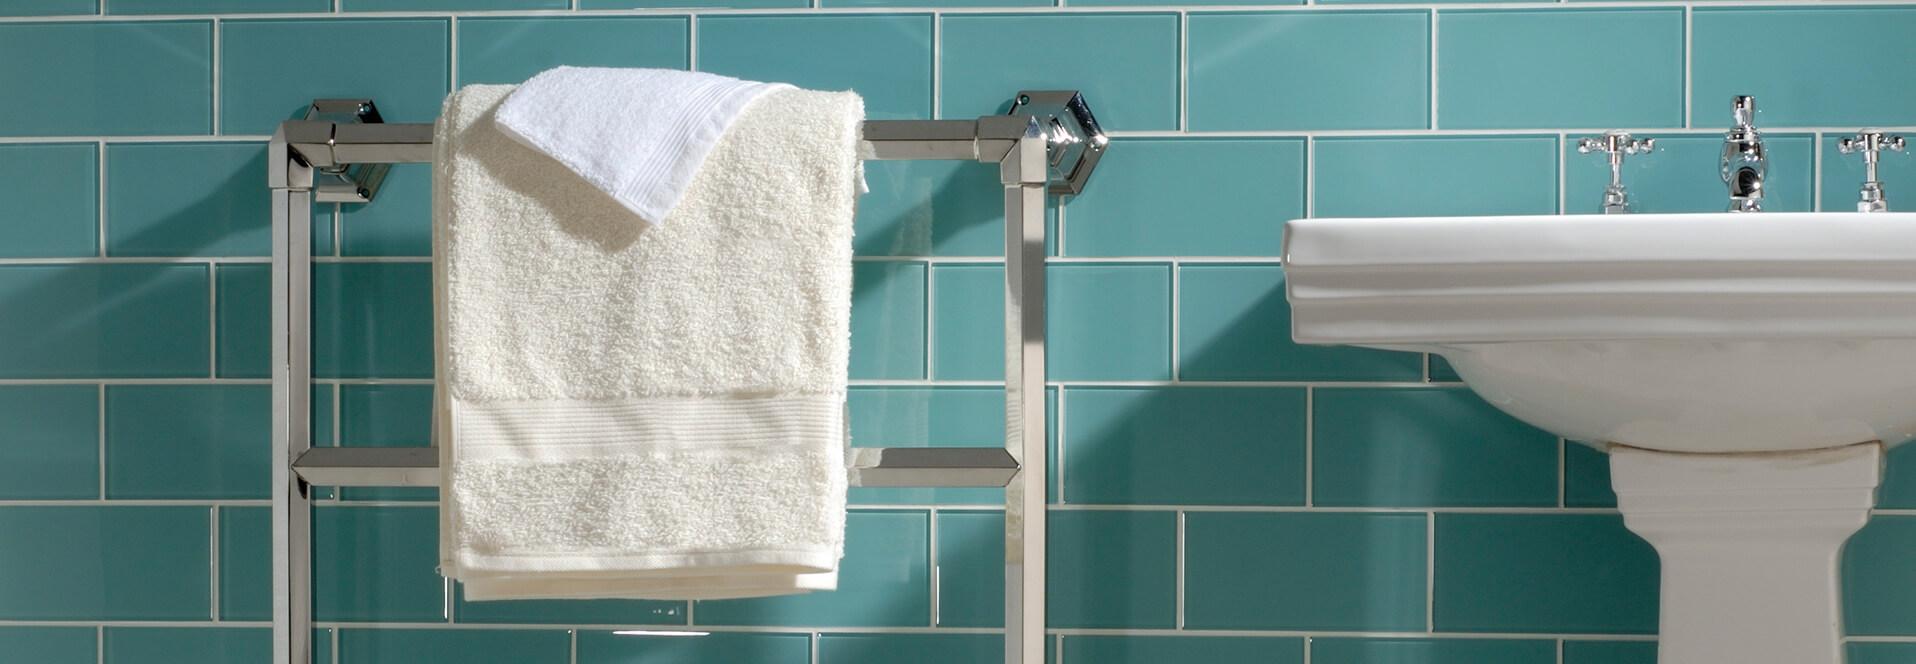 Amazing Elstow Ceramic Tiles Floor Kitchen Bathroom Tiles Milton ...